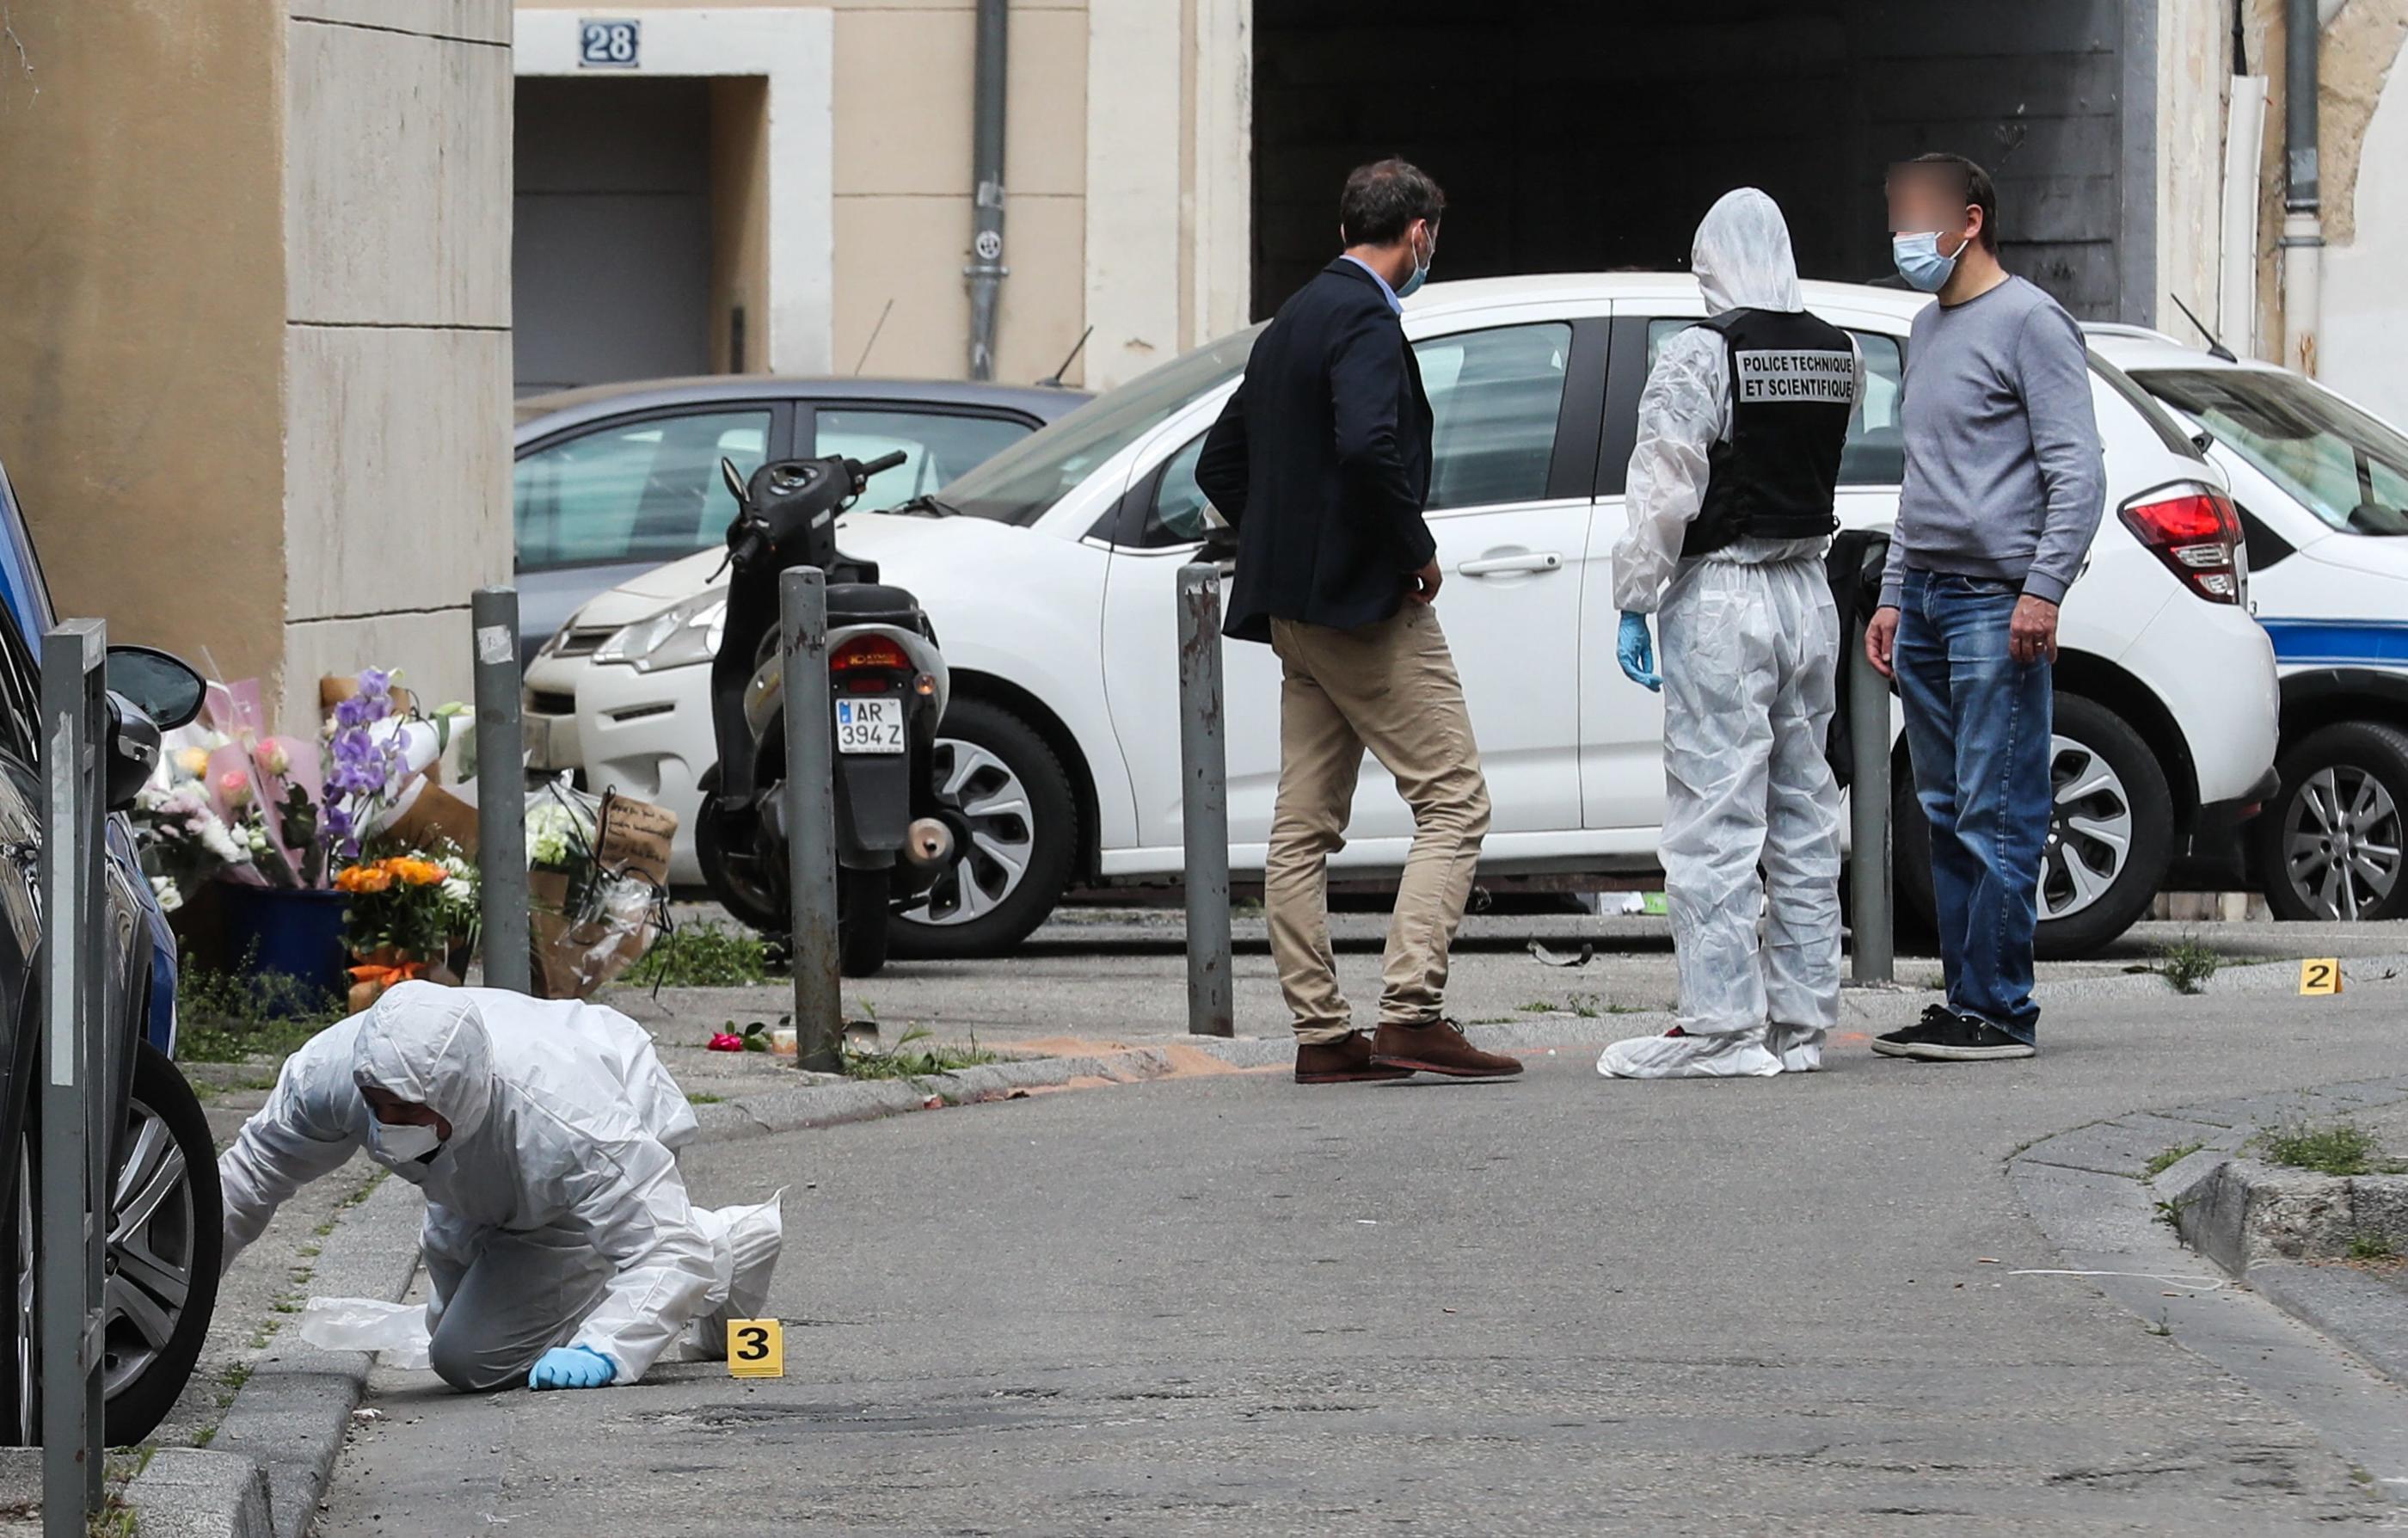 Policier tué à Avignon : le dealer ne serait pas le tireur